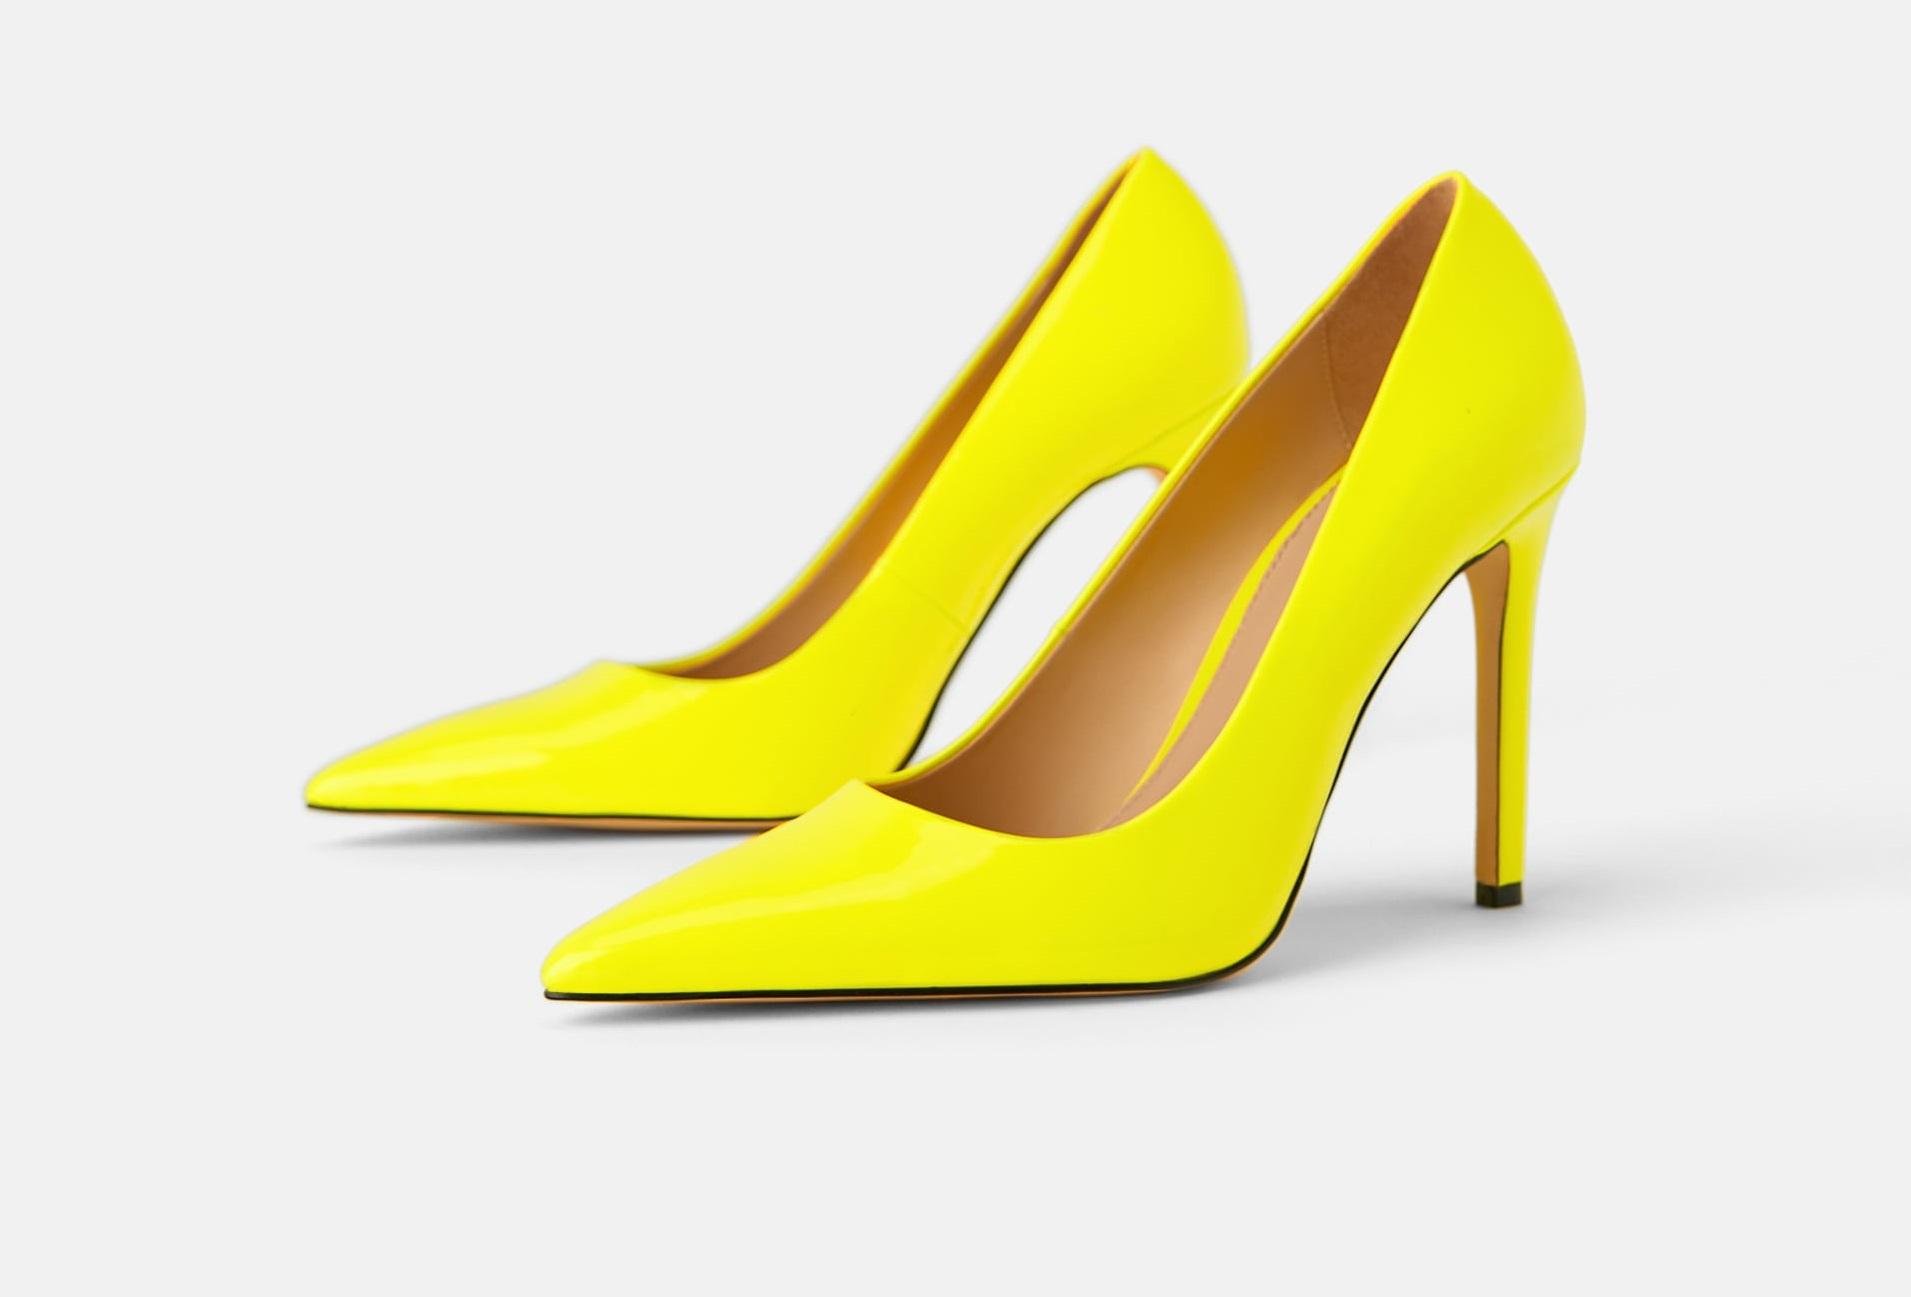 Scarpe Zara Primavera 2019: tronchetti a punta, sandali fluo e sneakers di tendenza